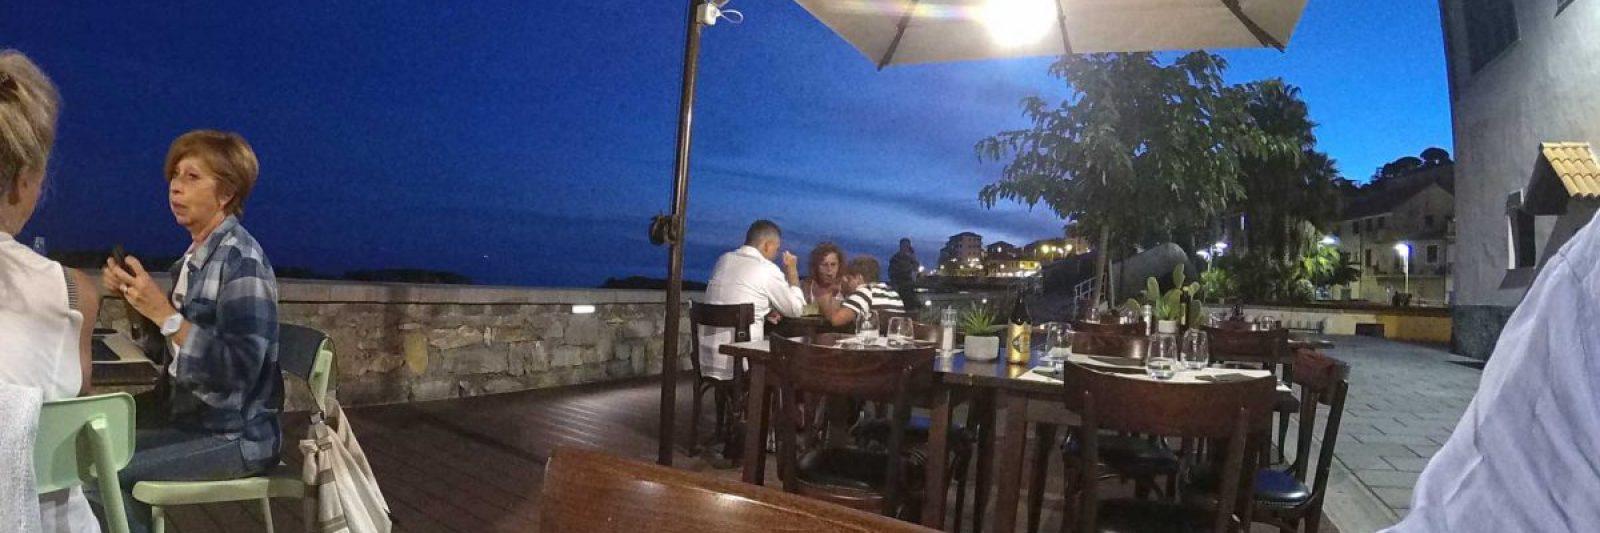 Restaurant Nero di Sepia am Borgo Prino.